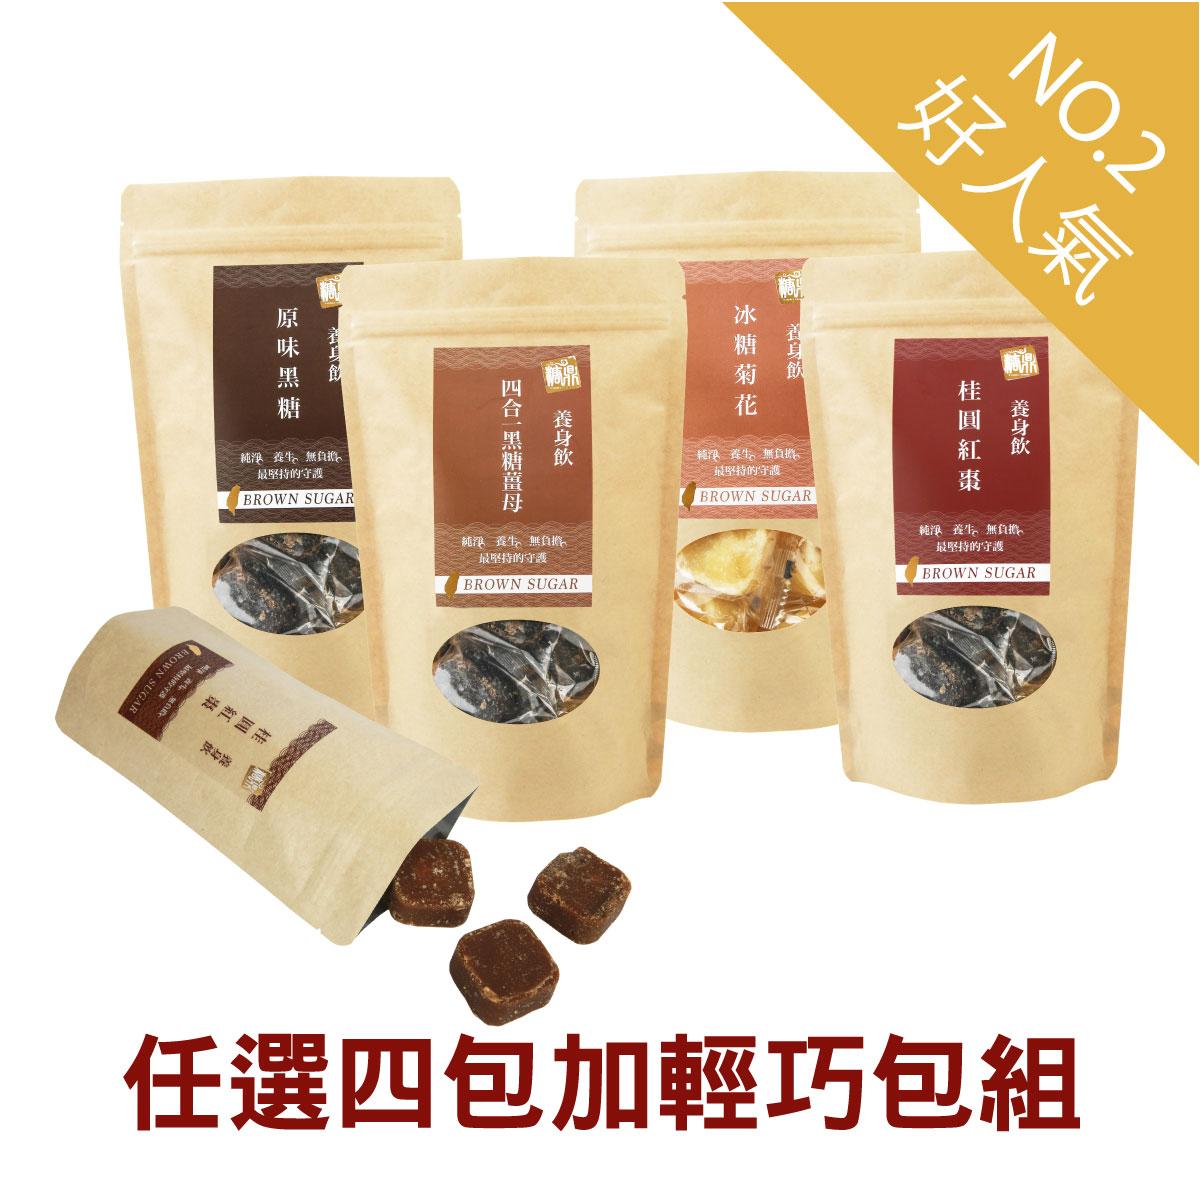 養生茶磚任選4包+1輕巧包